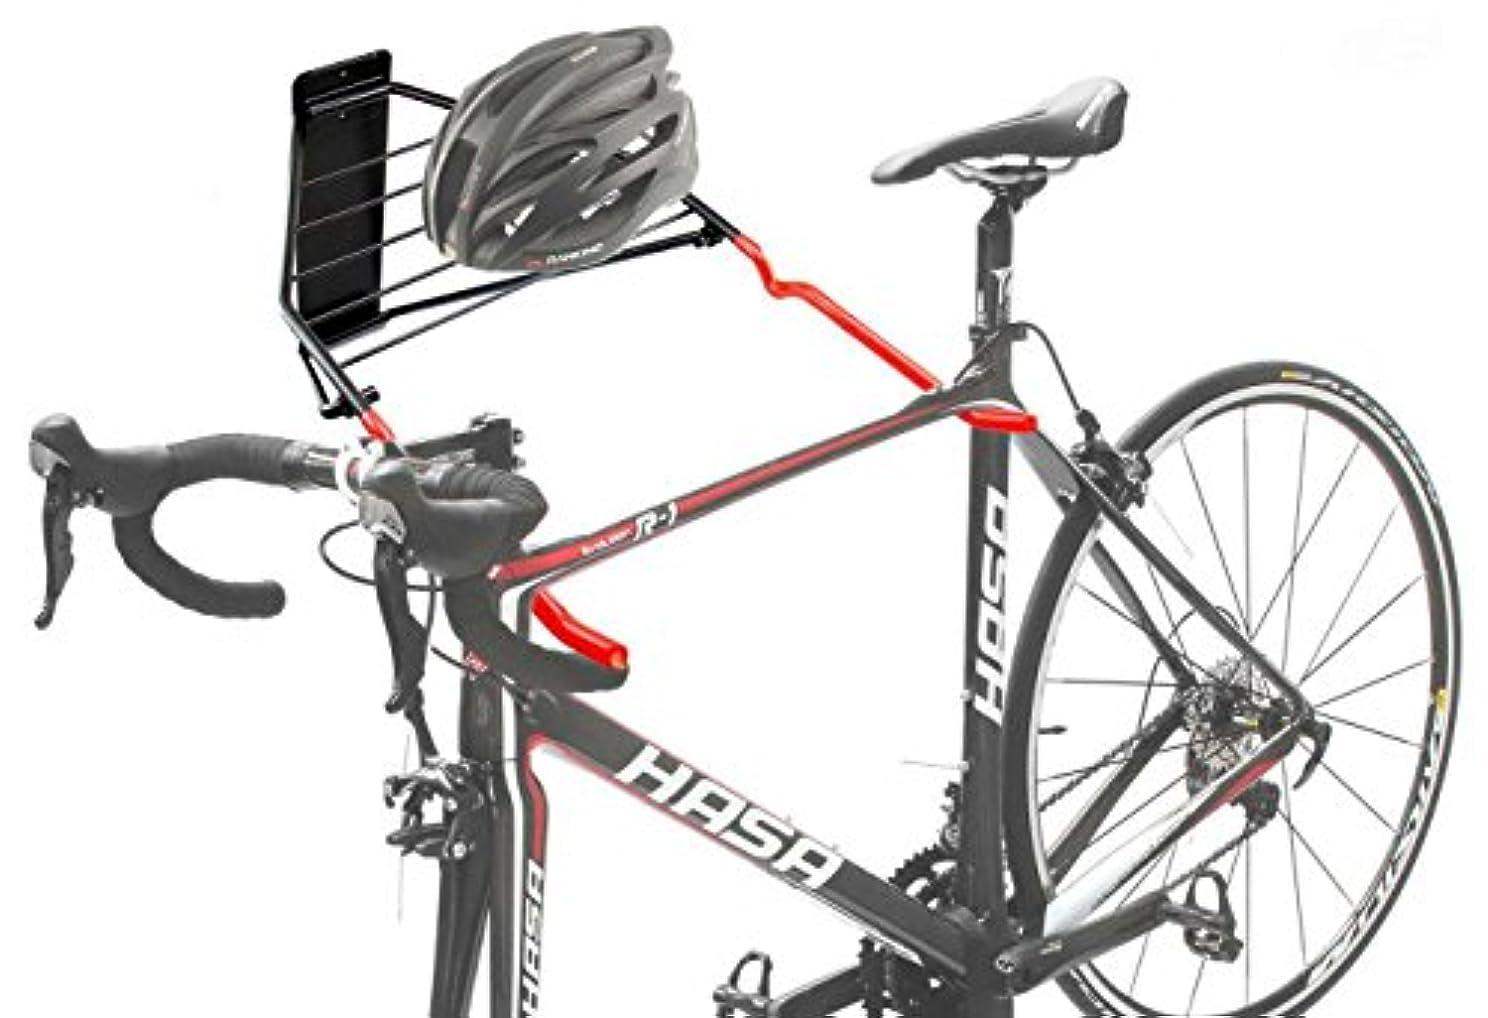 促す生まれ測定可能CyclingDeal バイク保管ラック壁掛け自転車ハンガーフック